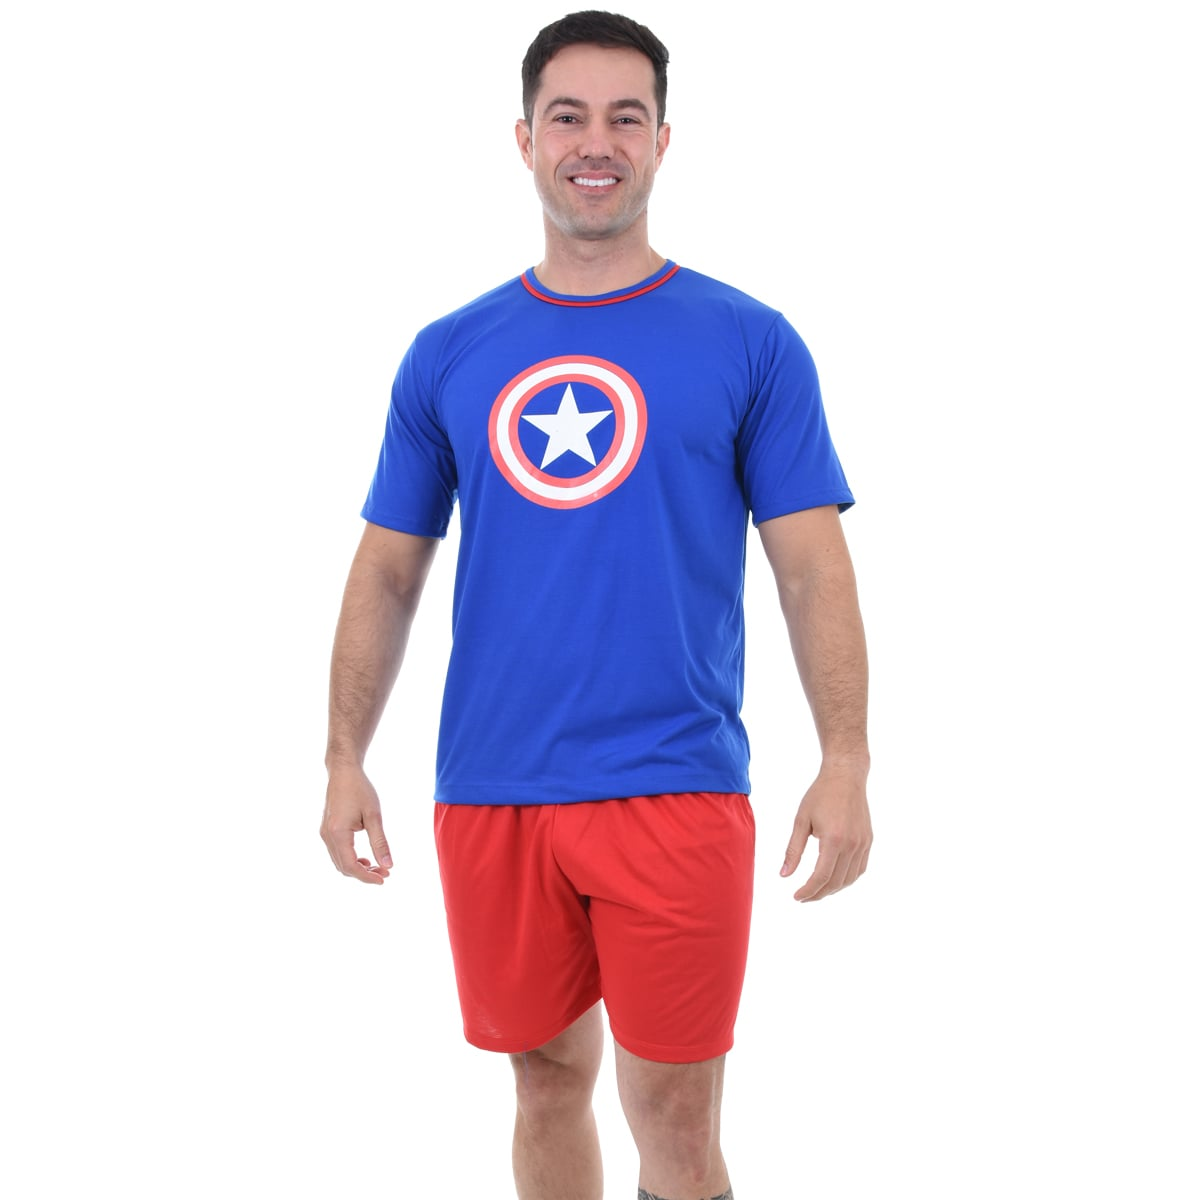 Pijama Meia Manga Short Masculino Adulto Capitão América Ref 347